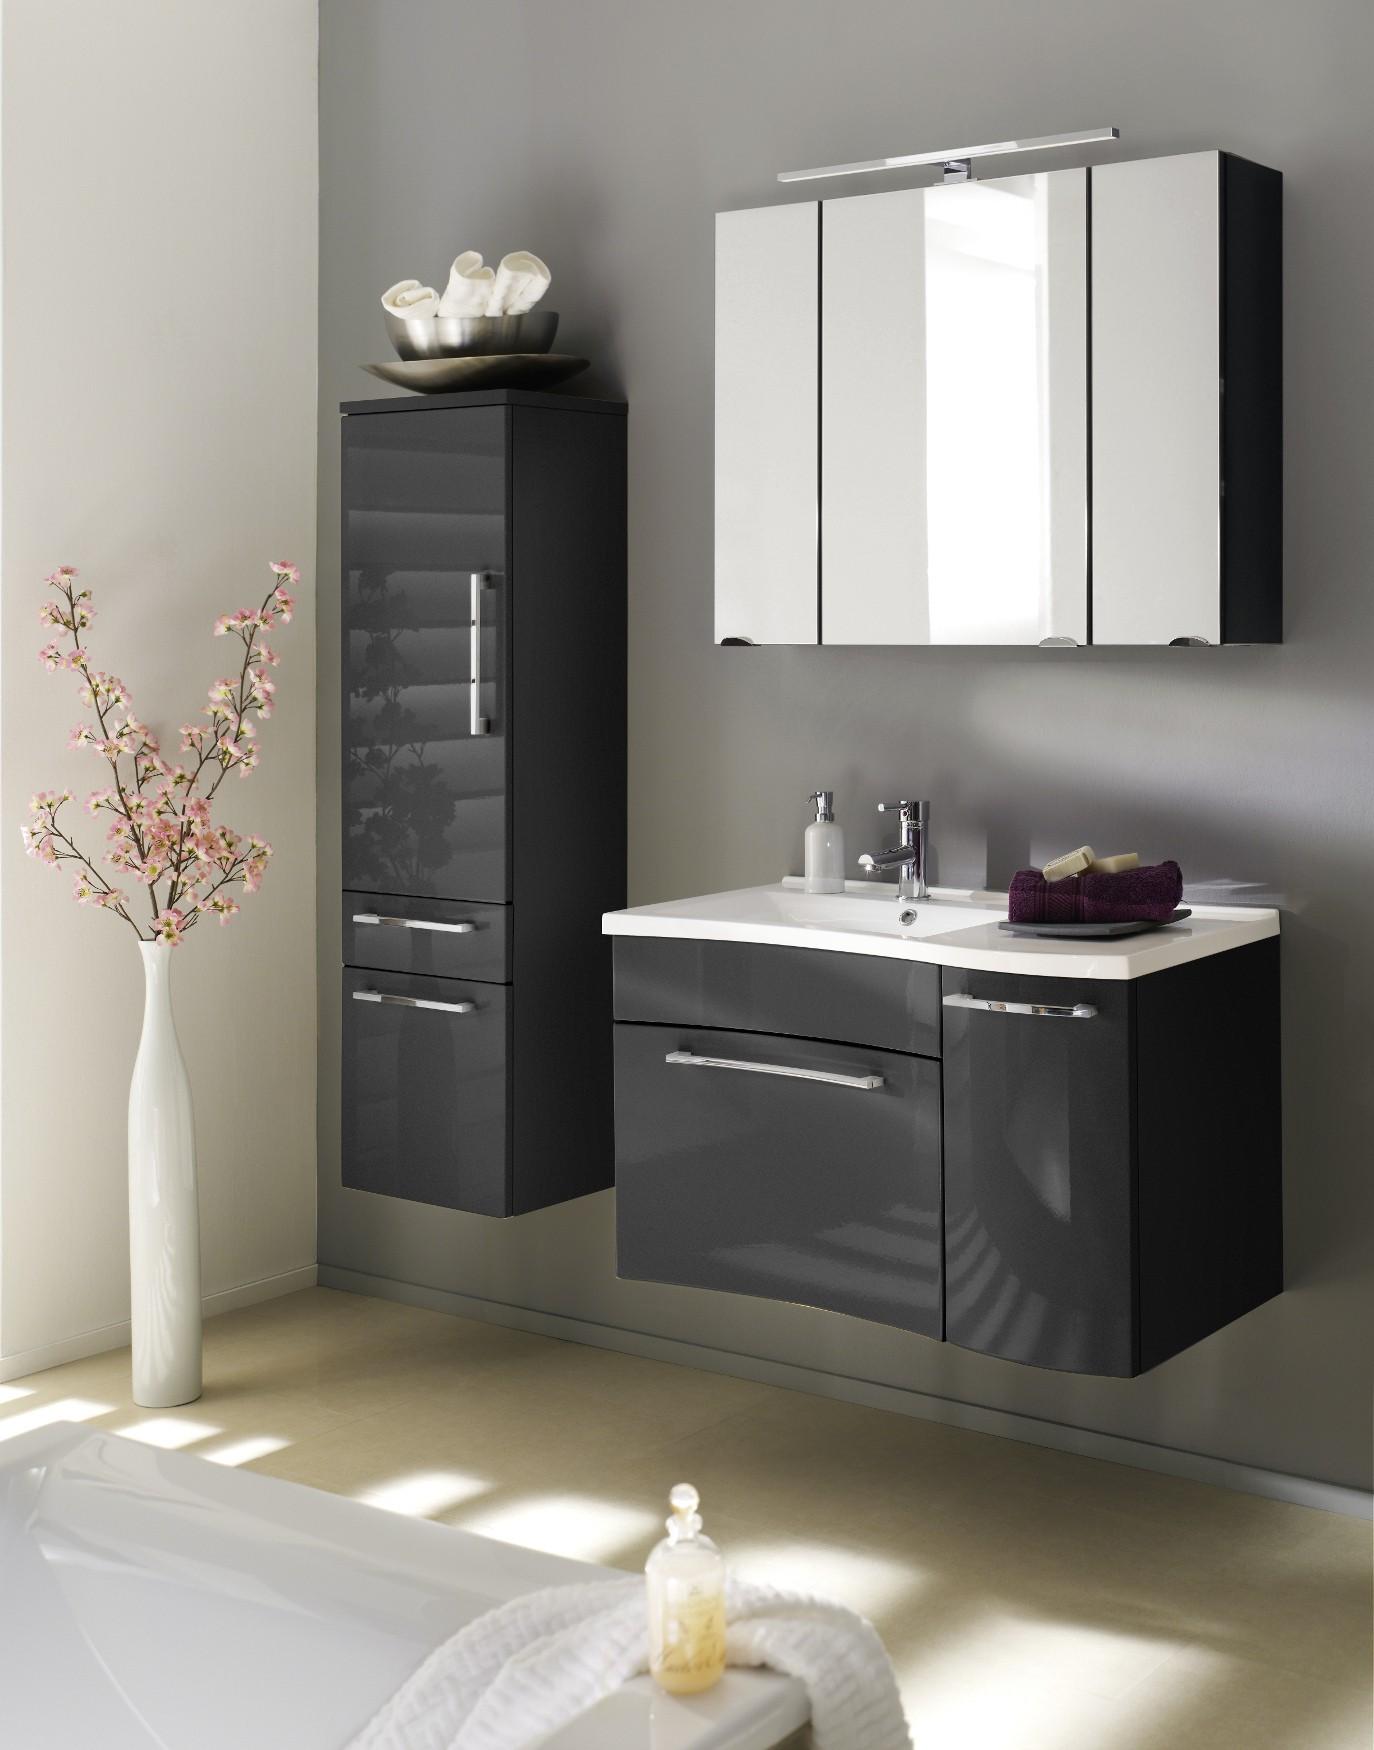 Badmöbel-Set LAONDA - mit Spiegelschrank - 5-teilig - 130 cm breit ...